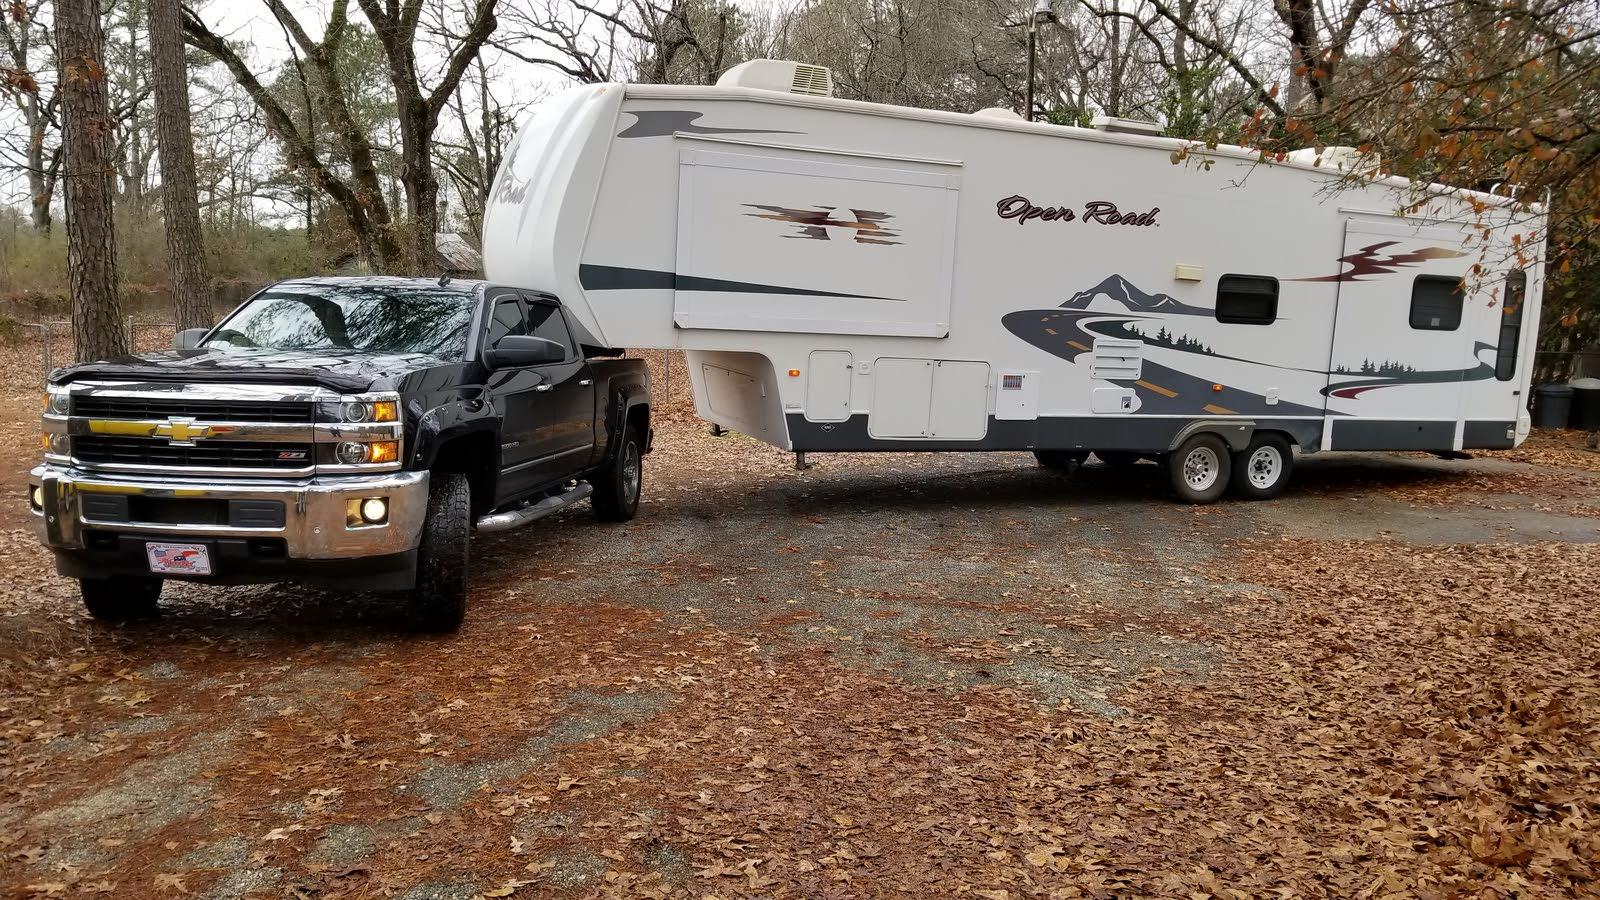 2016 Chevrolet Silverado 2500hd Towing Capacity >> Chevrolet Silverado 2500hd Questions Fifth Wheel Towing